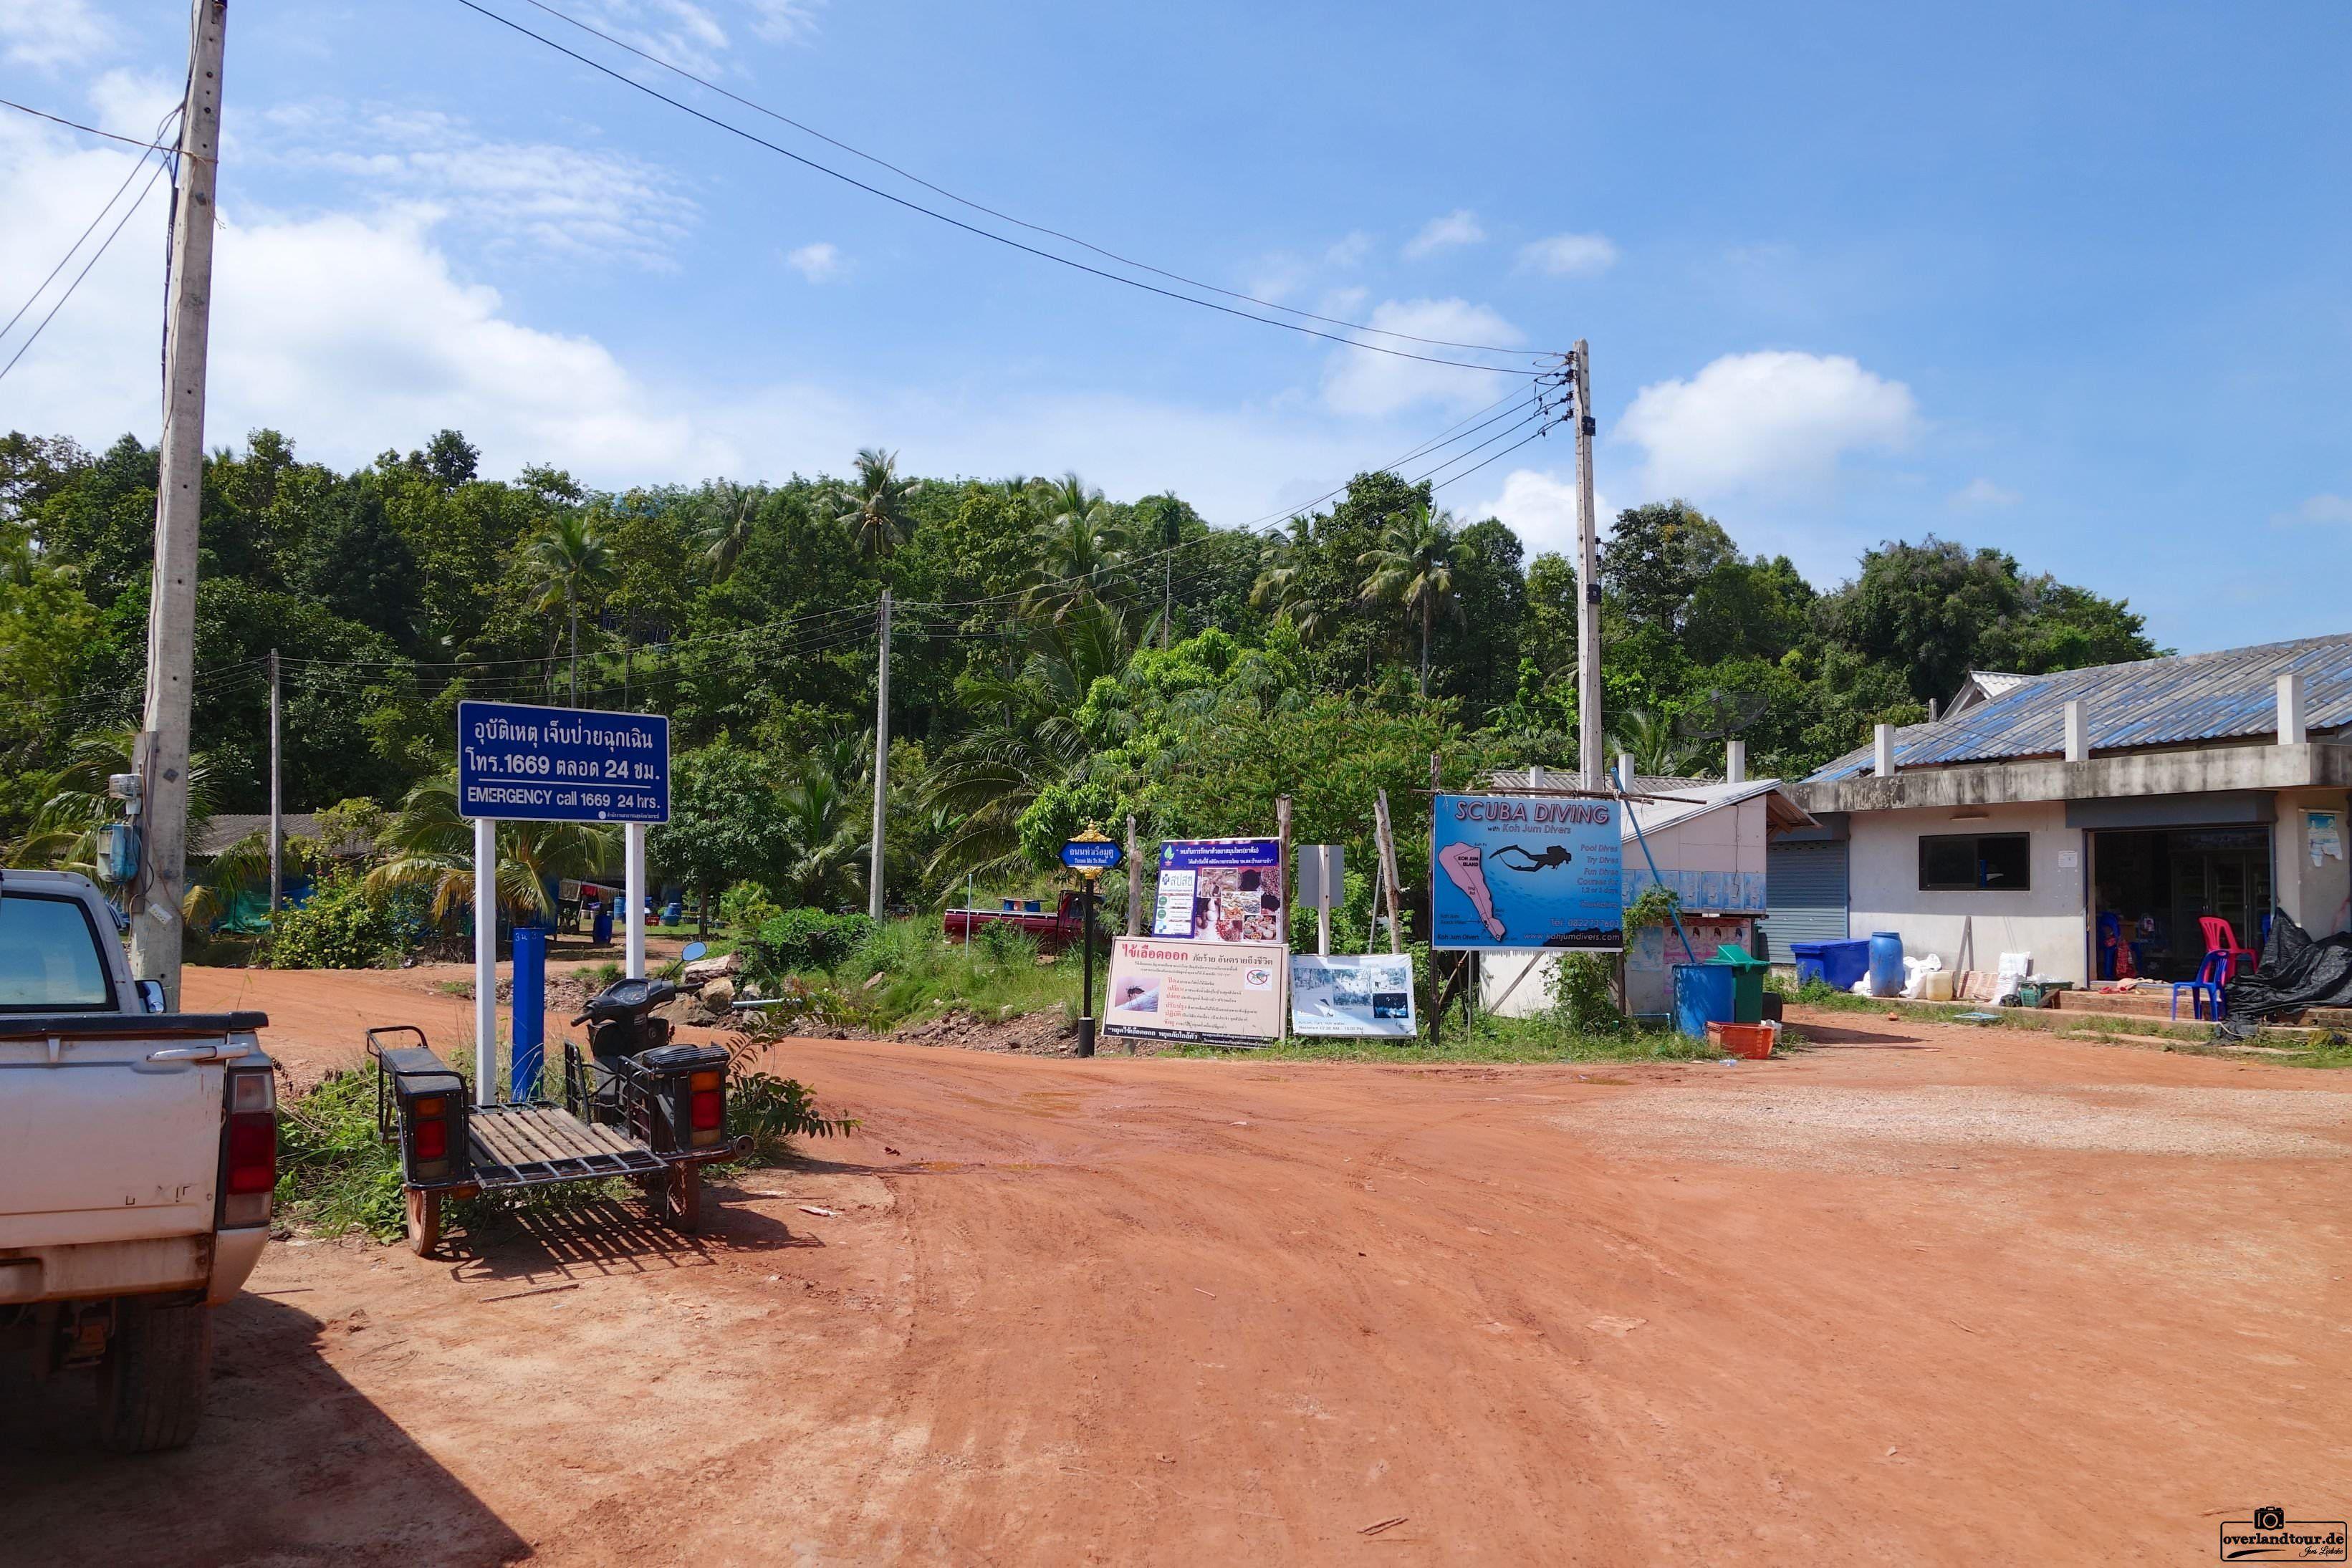 Relax on Koh Jum Nach dem Norden folgt der Süden! Noch mal kurz zum ausspannen an die Andaman Sea. Koh Jum wurde mir von einer Bekannten genannt, um mal richtig auszuspannen und den Touristen Massen in Thailand zu entkommen. Es schon einmal vorwegzunehmen – sie hatte damit recht, obwohl Koh Lanta und Koh Phi Phi nicht weit entfernt sind.  https://www.overlandtour.de/relax-koh-jum/  #AndamanSeaThailand #KohJum #PierLeanKurat #PierMuTu koh_jum_2014_004